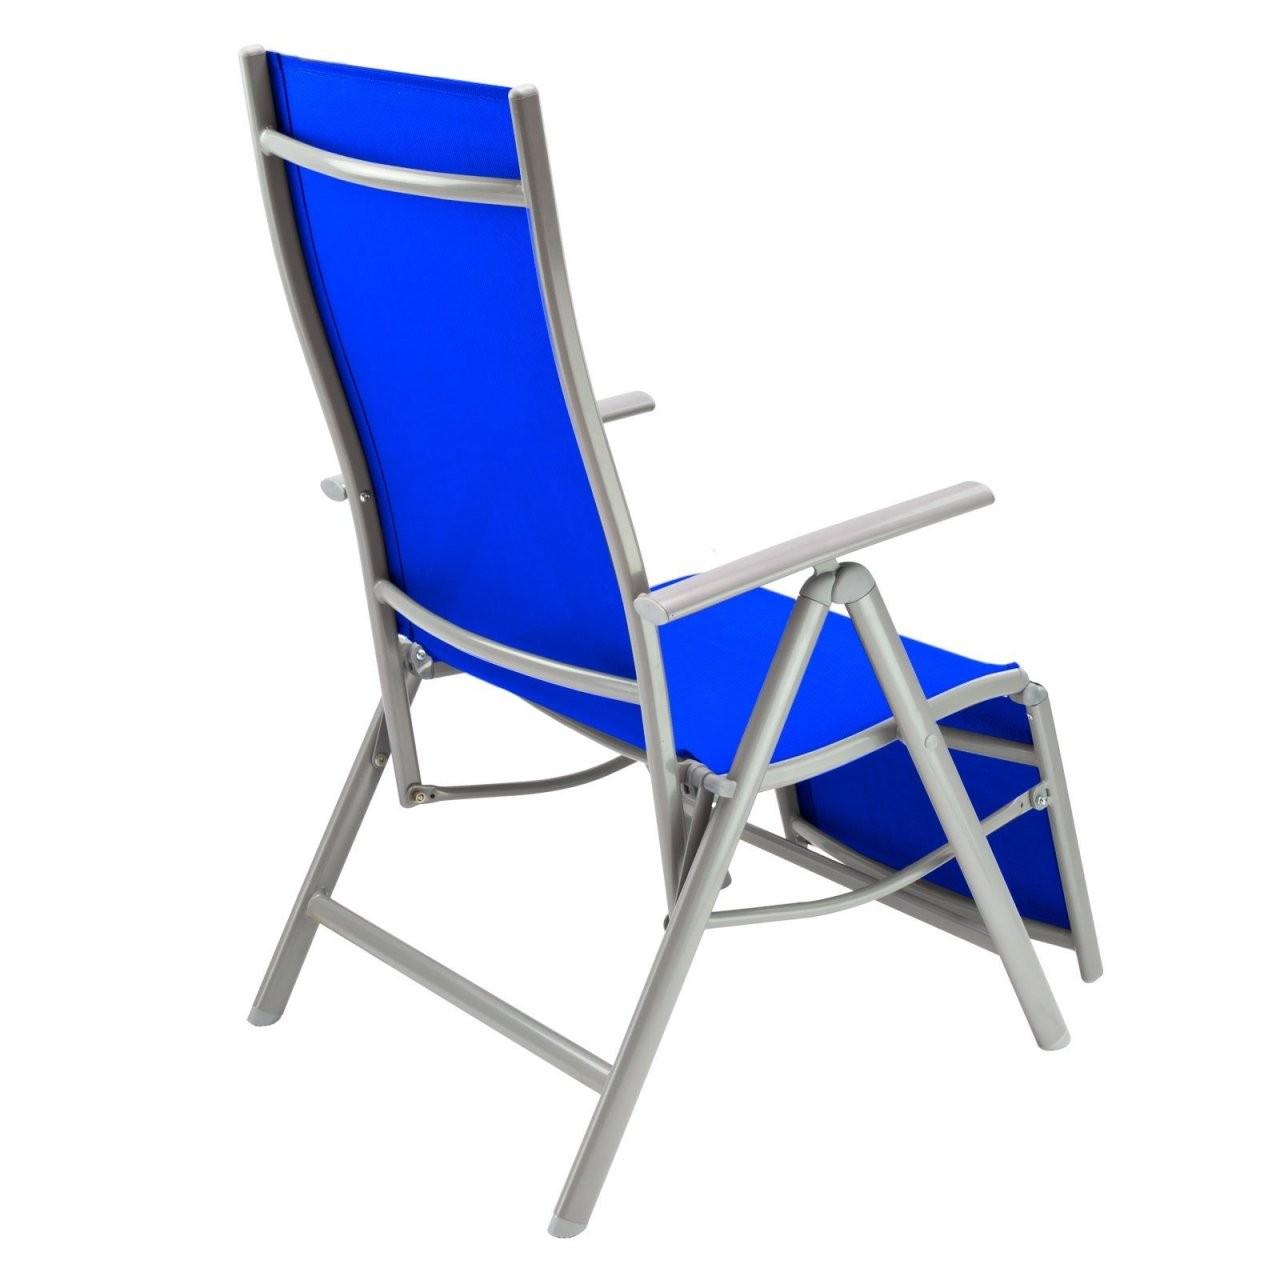 Gartenstuhl Kunststoff Klappbar Mit Gartenstühle Garten Meinung von Gartenstuhl Hochlehner Kunststoff Blau Bild